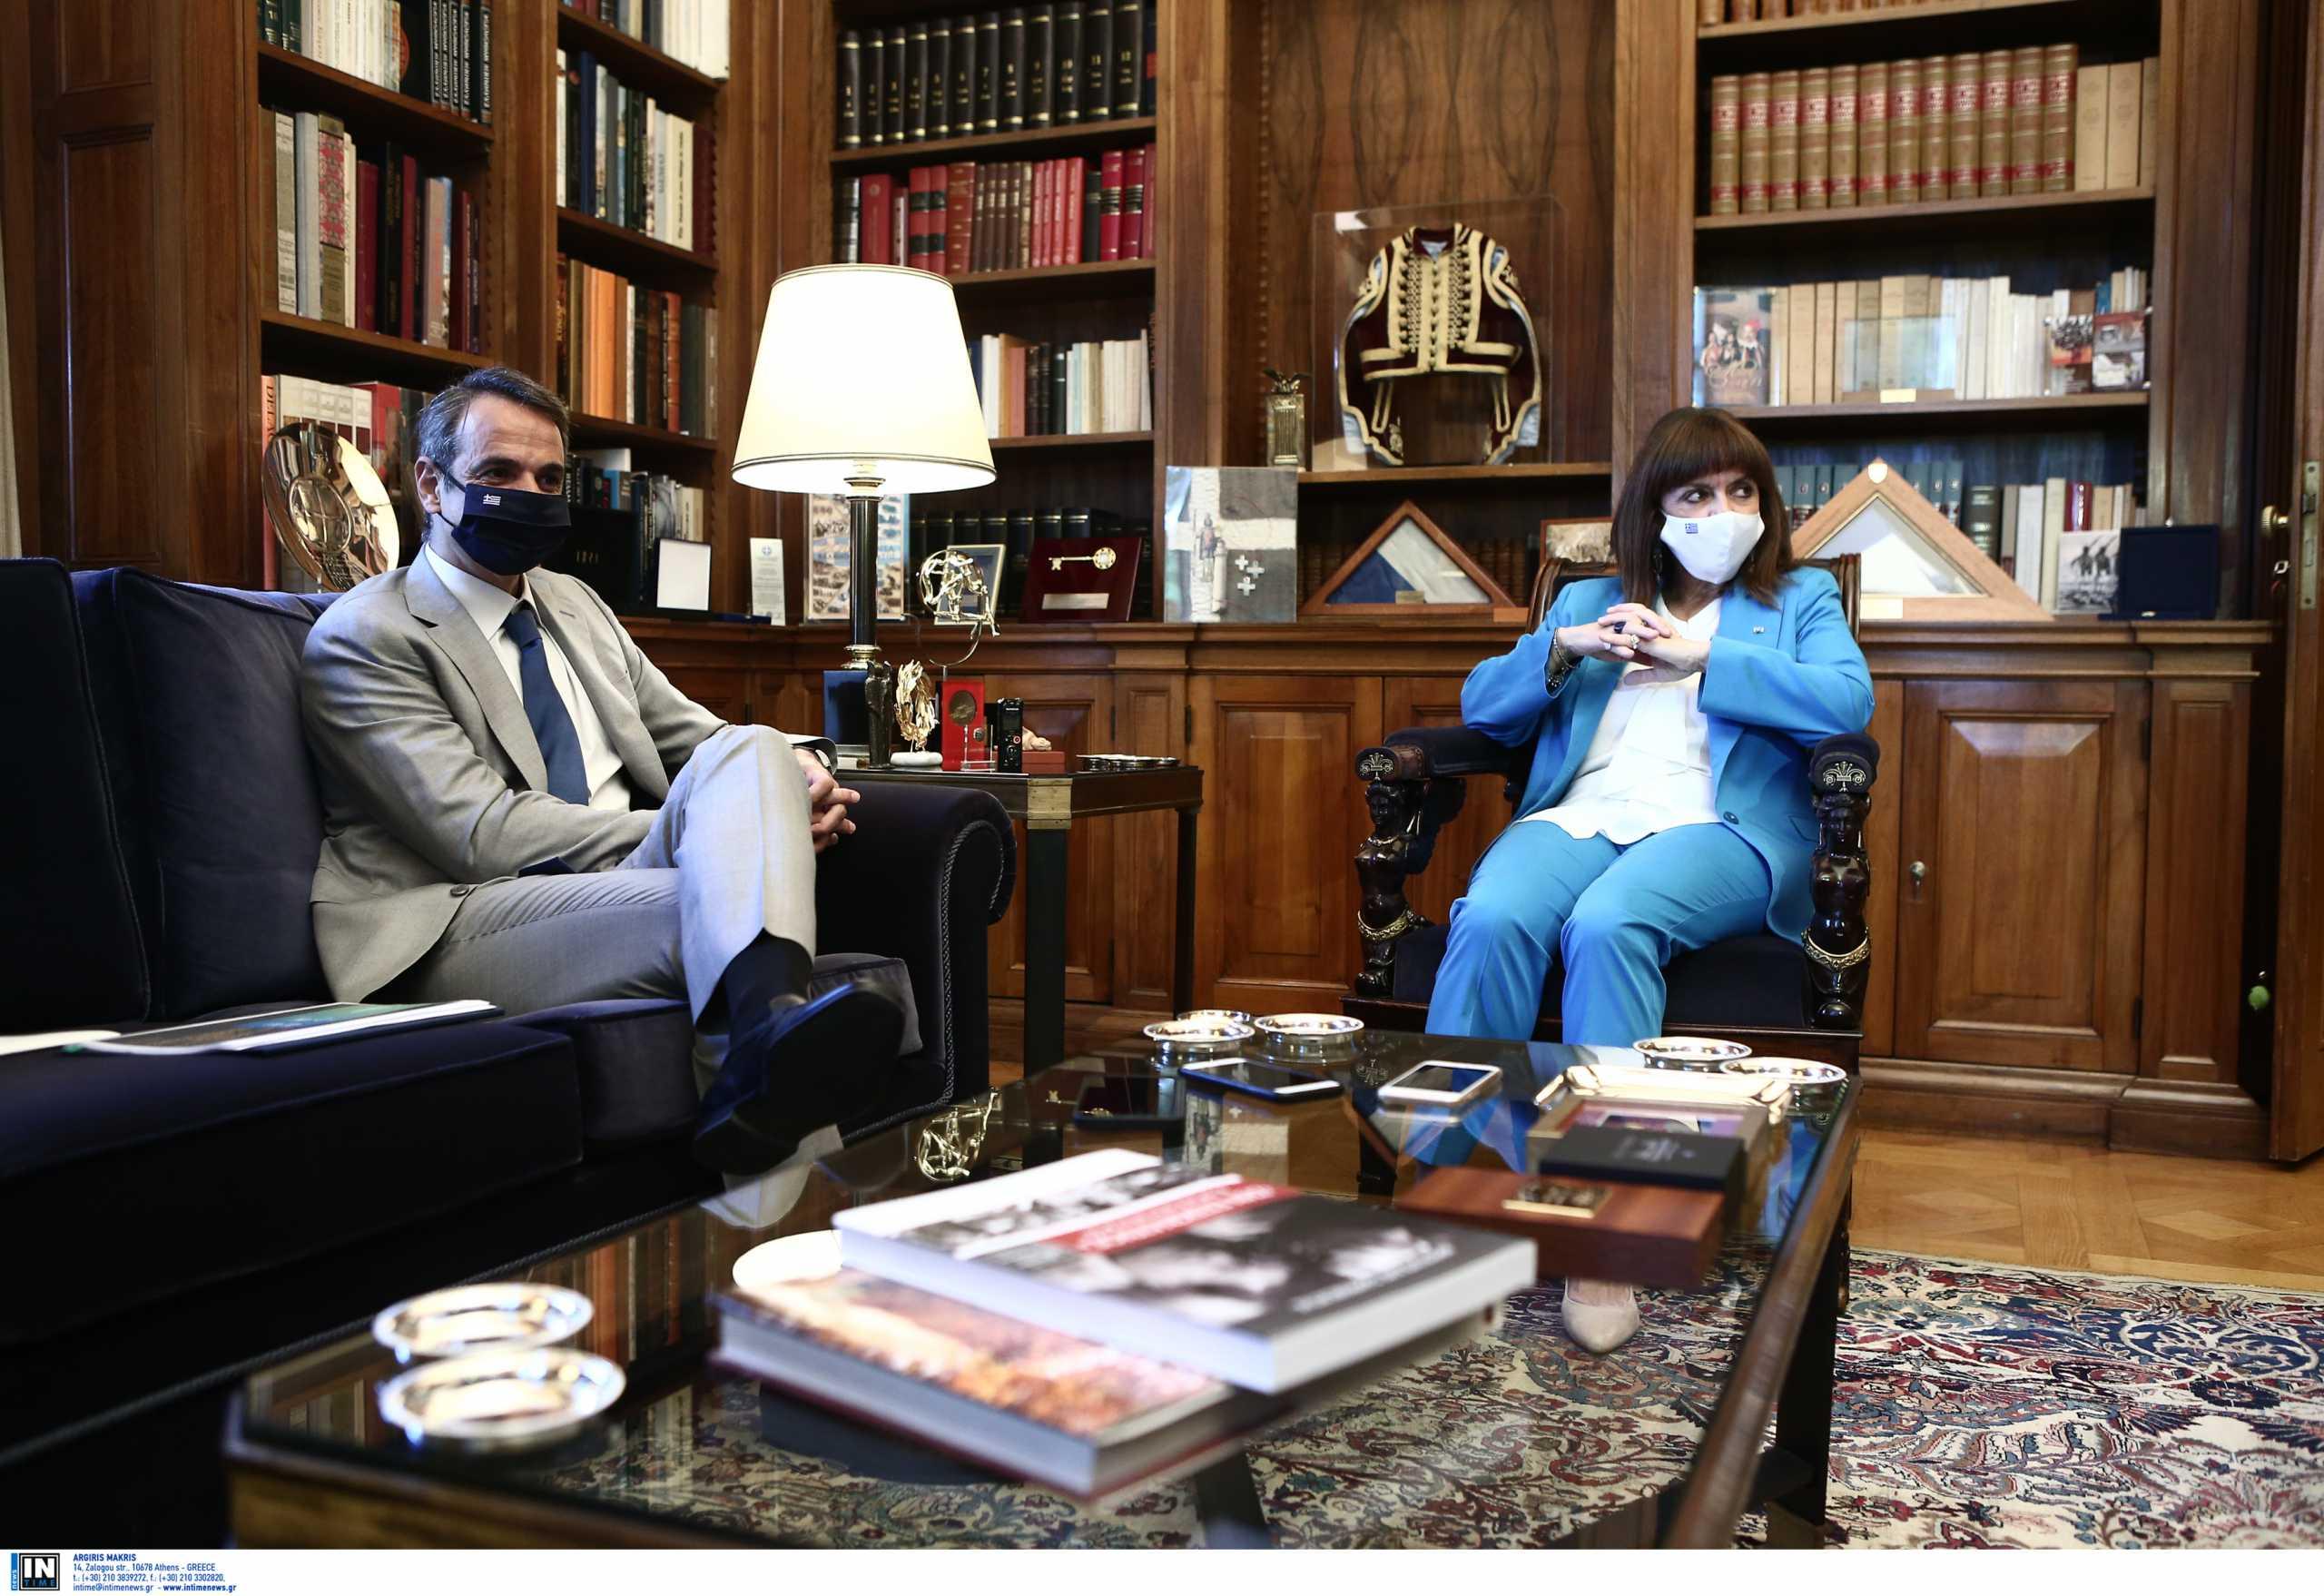 Κατερίνα Σακελλαροπούλου: Συνάντηση με τον πρωθυπουργό Κυριάκο Μητσοτάκη το πρωί της Τετάρτης (29.09)